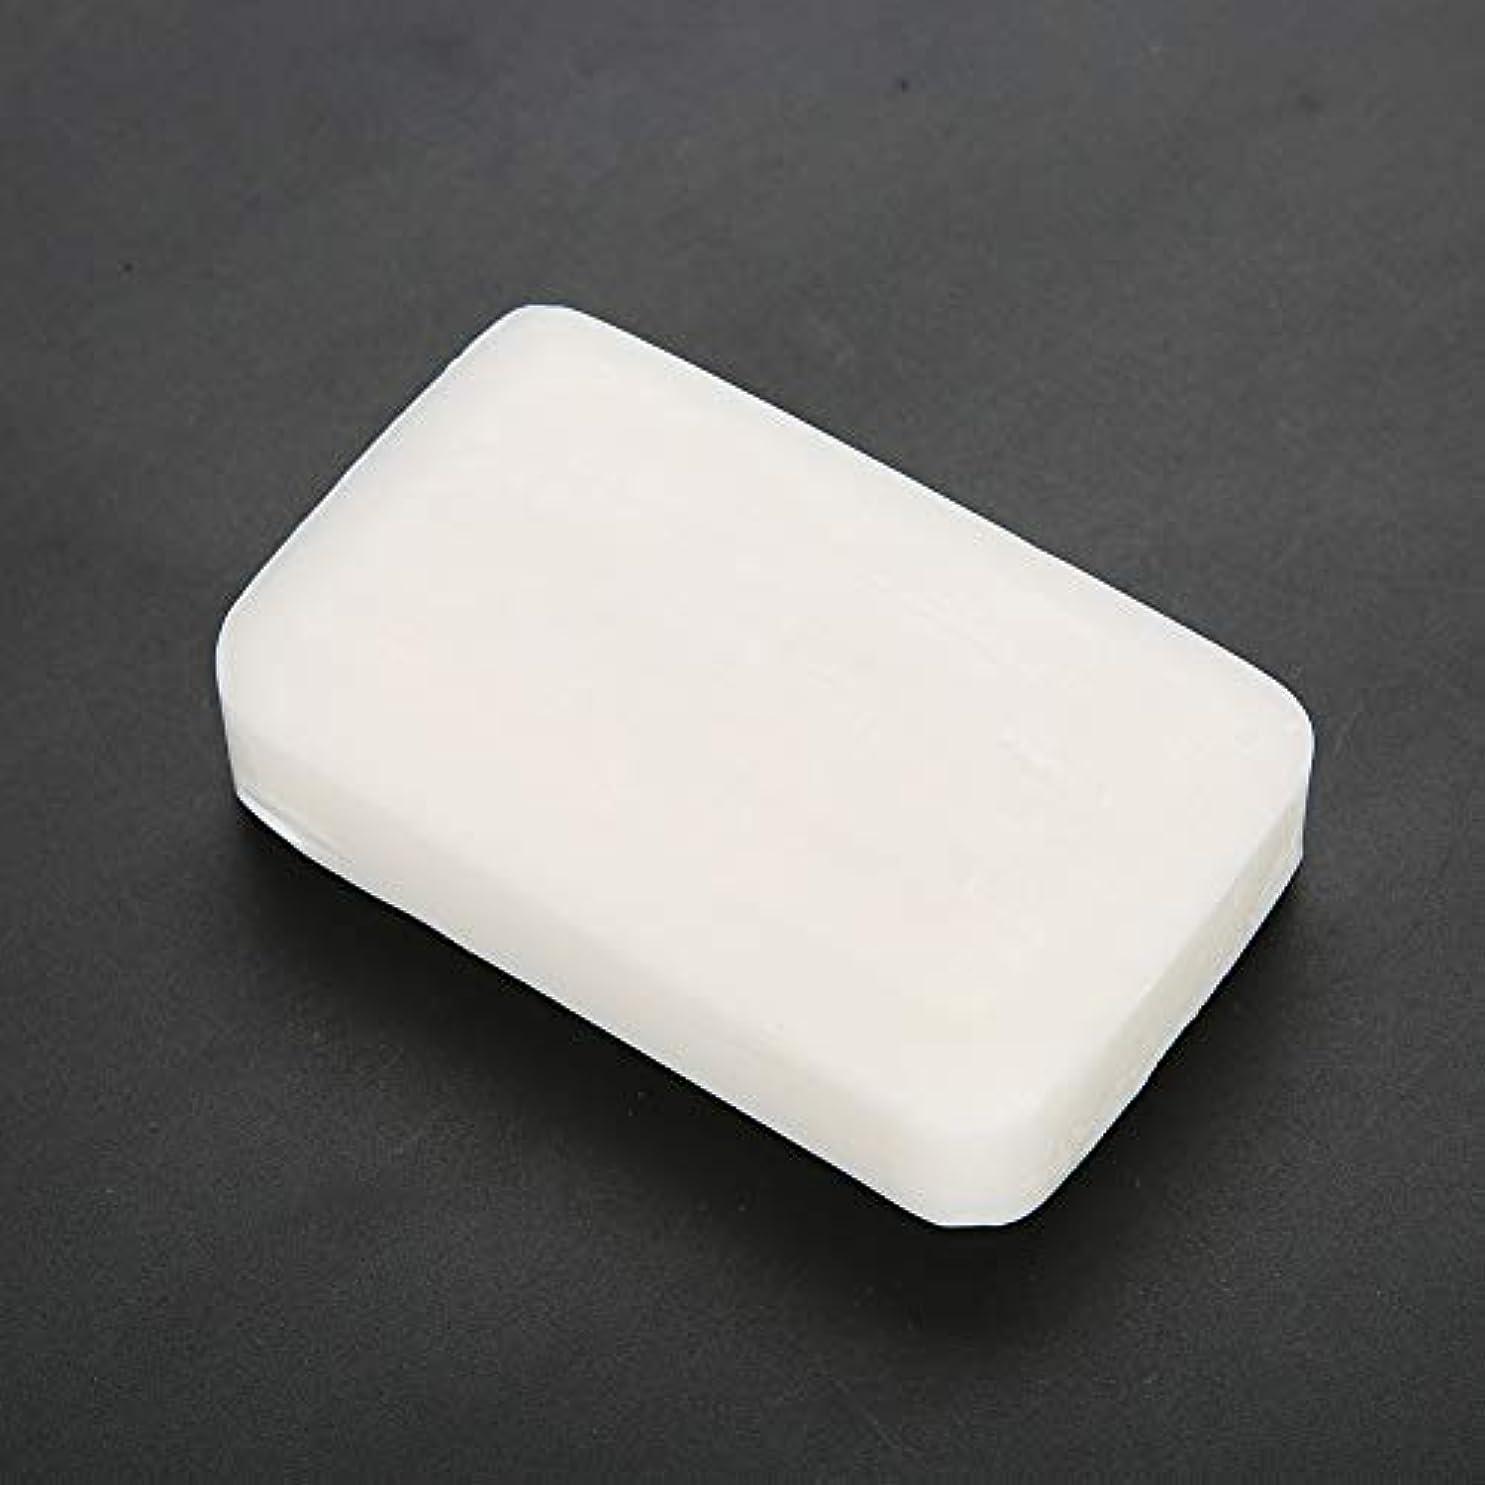 遺伝的追加貫入豊富な泡を白くする 栄養を与える 顔 ボディ洗浄 100g エキス 美の石鹸